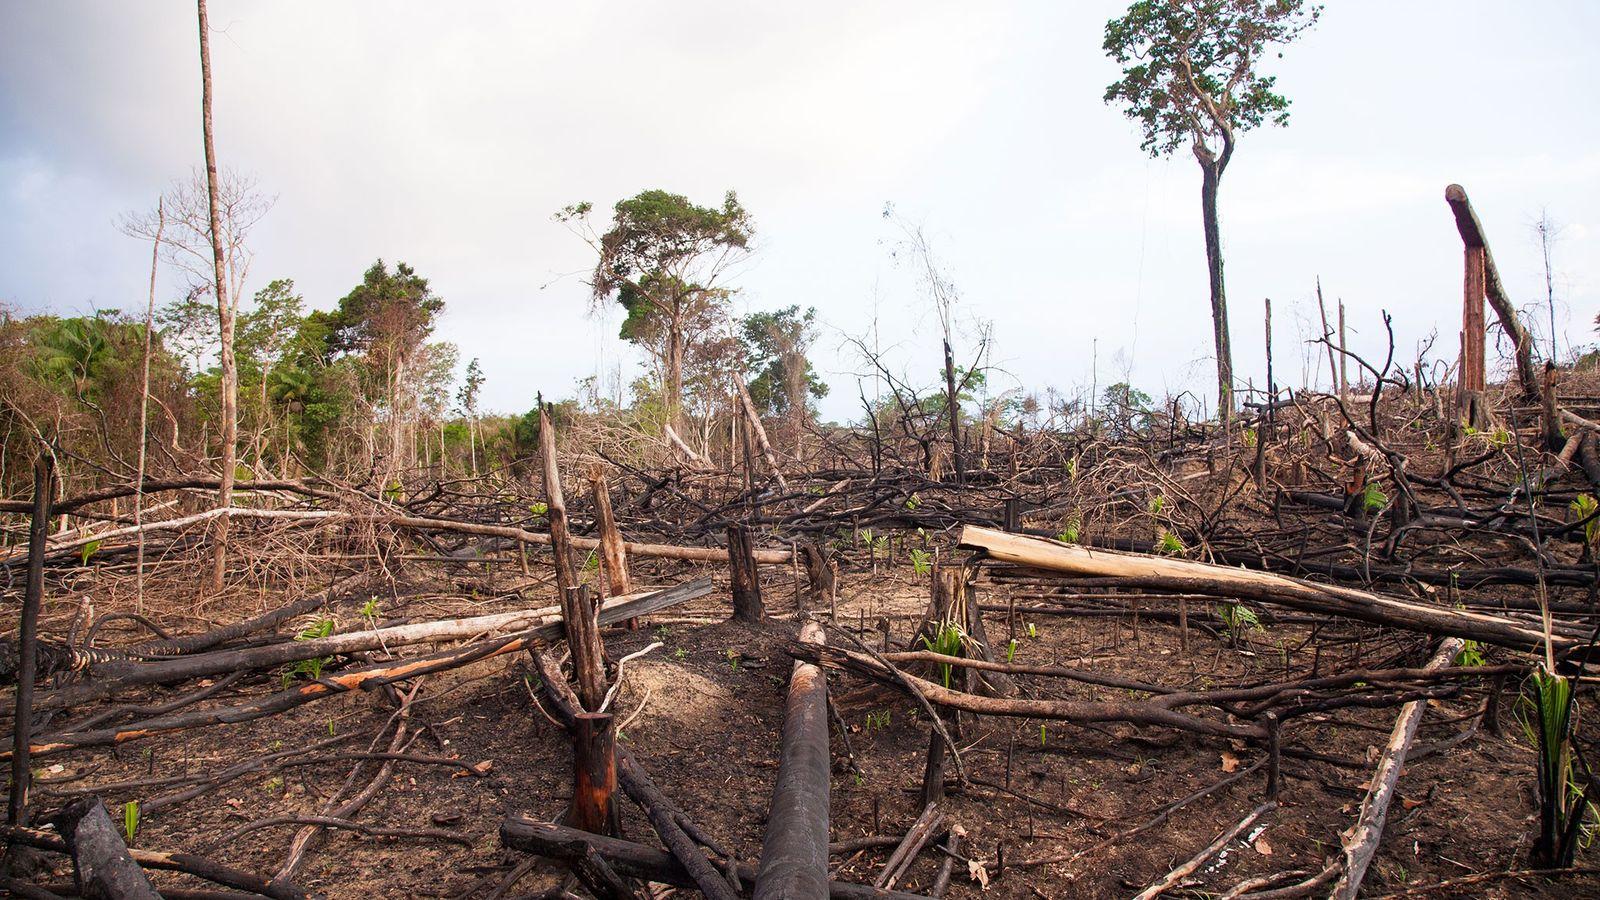 Floresta derrubada para fins pecuários nas bordas da Rodovia Transamazônica. O desmatamento visto nesta foto facilita ...